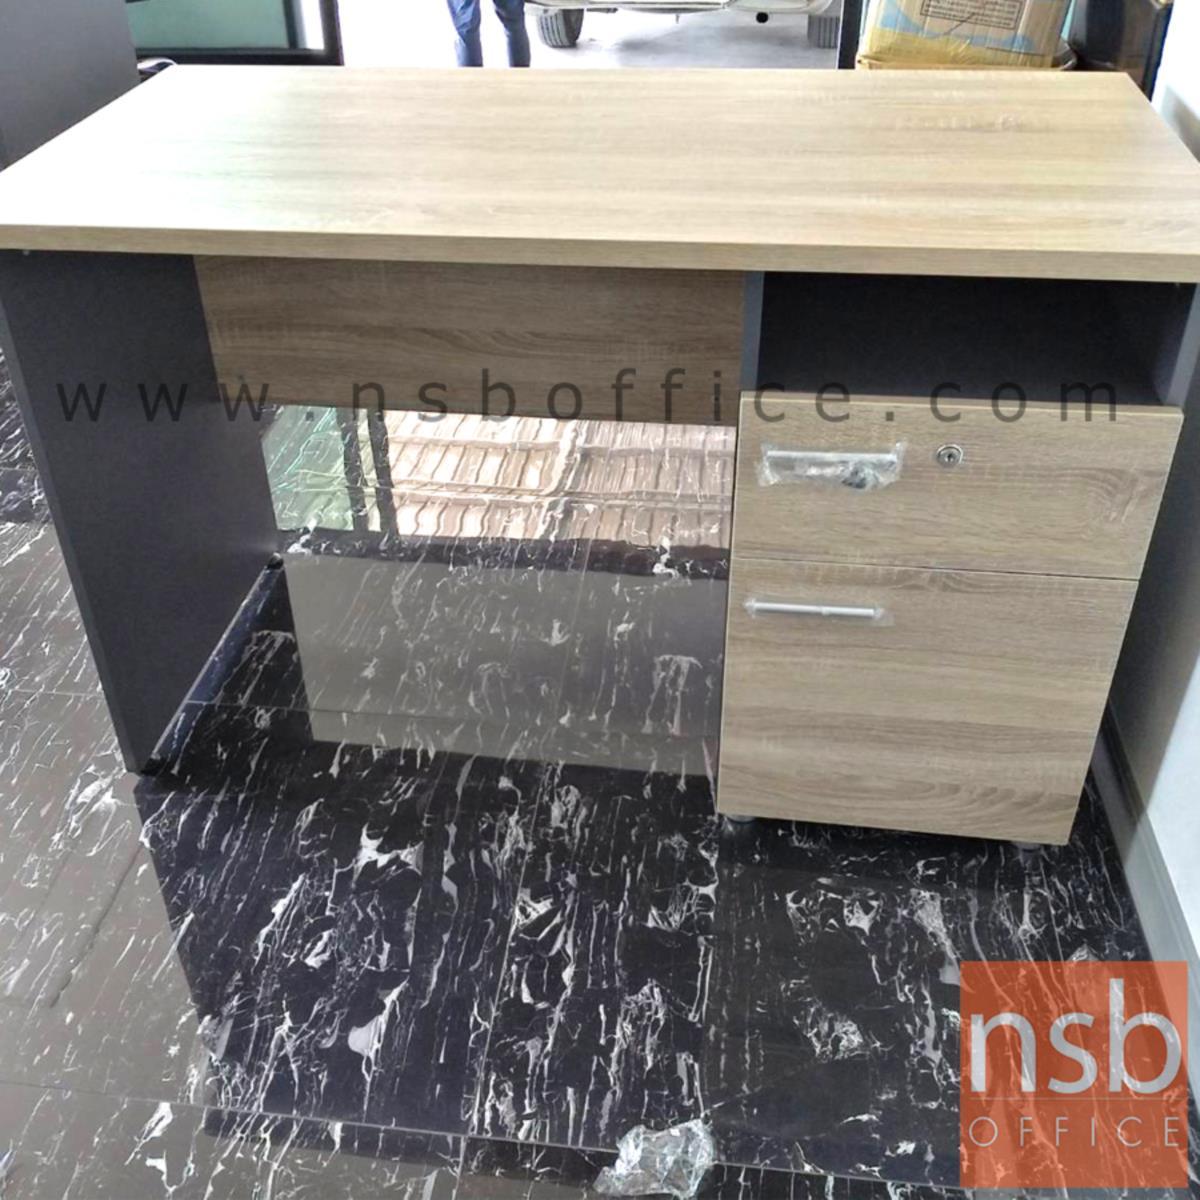 โต๊ะทำงาน 2 ลิ้นชัก 1 ช่องโล่ง  รุ่น DKK-1202  ขนาด 120W cm. สีแกรนโอ๊คตัดกราไฟท์